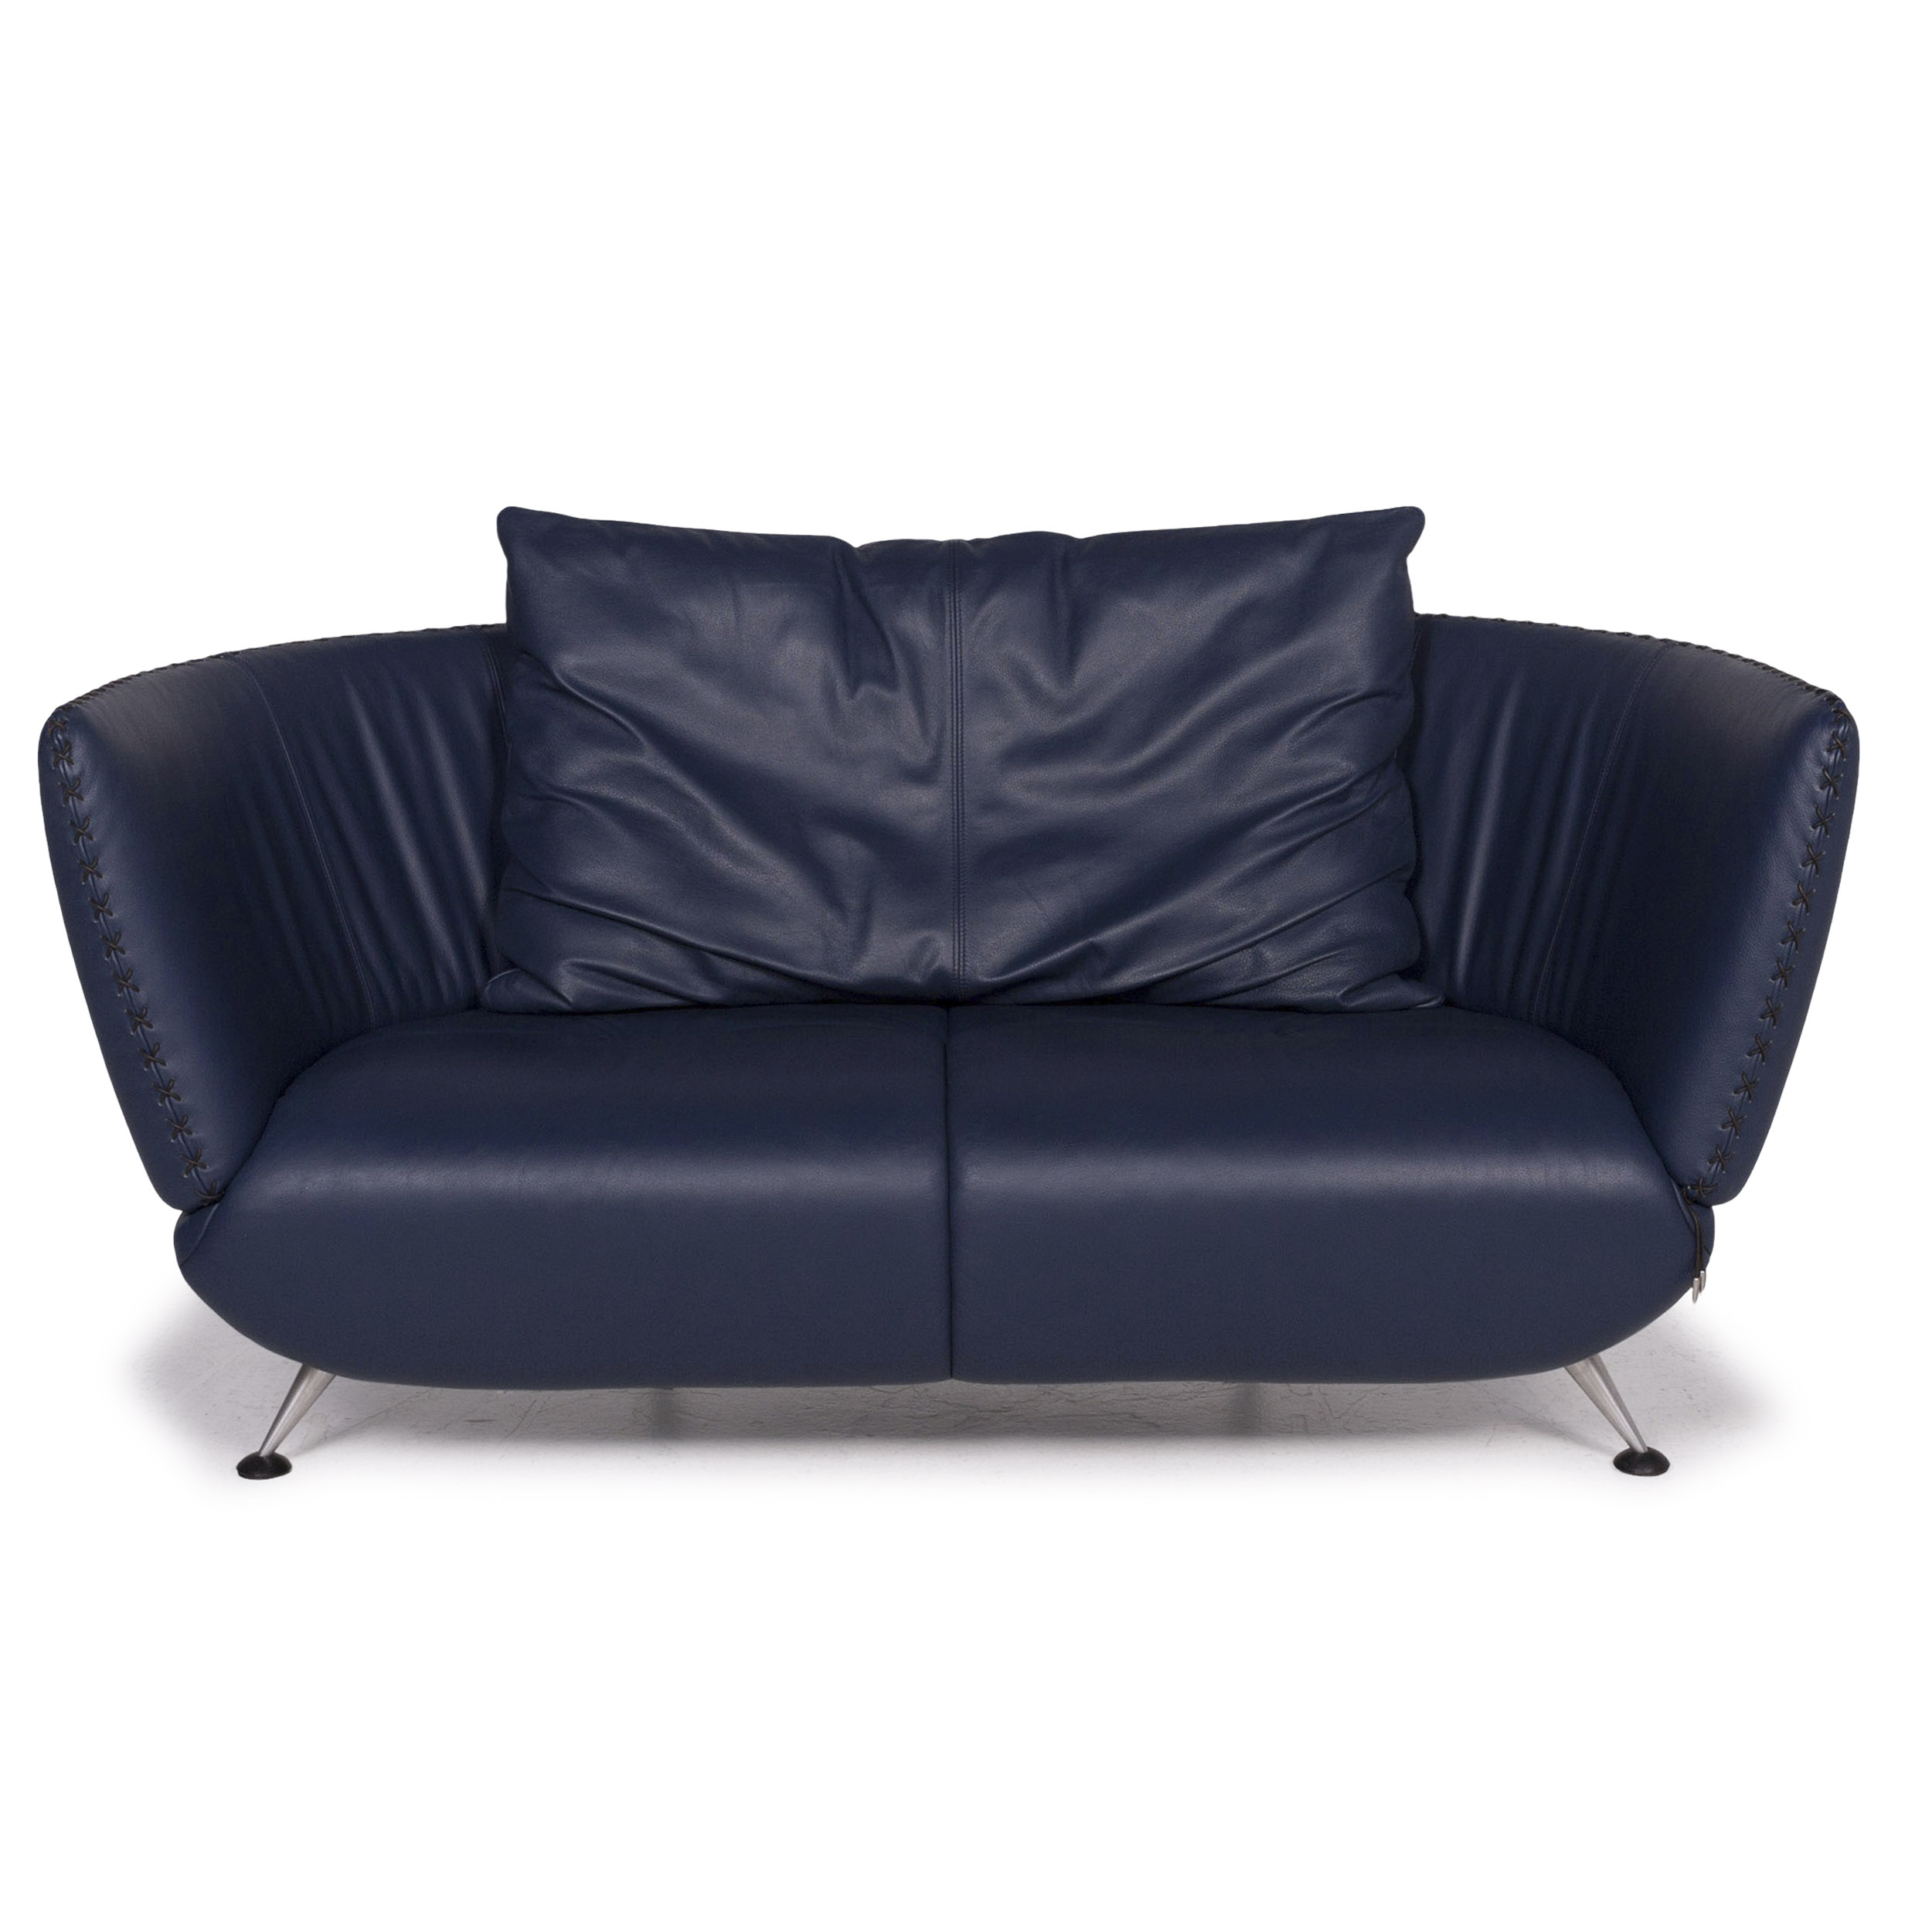 Full Size of De Sede Sofa Sessel Gebraucht Kaufen Furniture For Sale Used Uk Ds 600 Usa Endless Bi Des 102 Leder Blau Zweisitzer 11536 Revive Interior Wildleder Internat Sofa De Sede Sofa